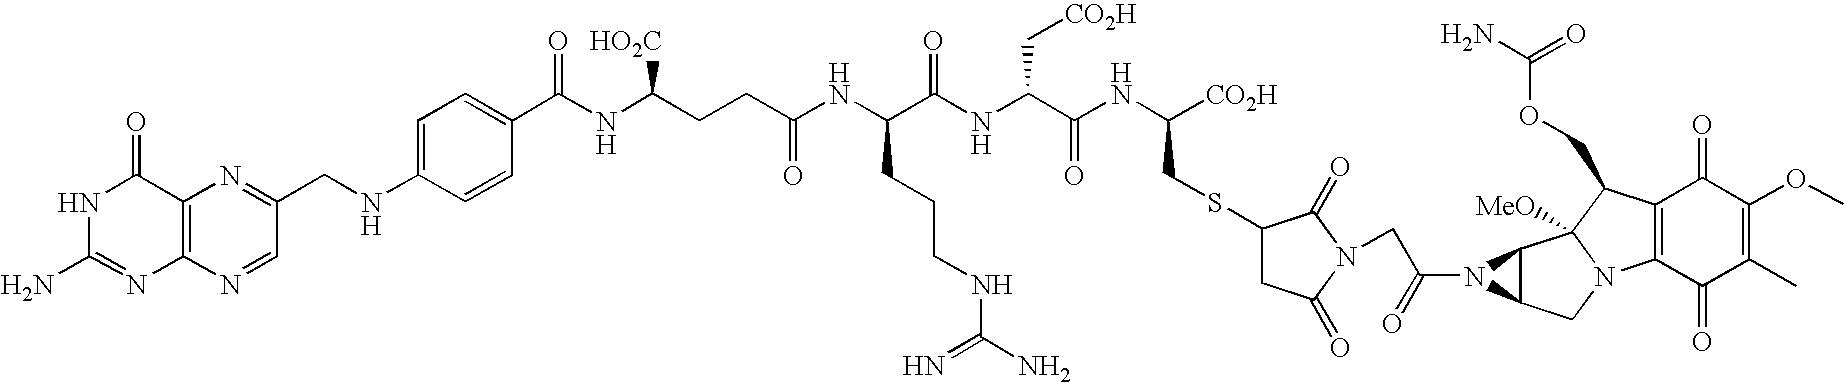 Figure US20100004276A1-20100107-C00130